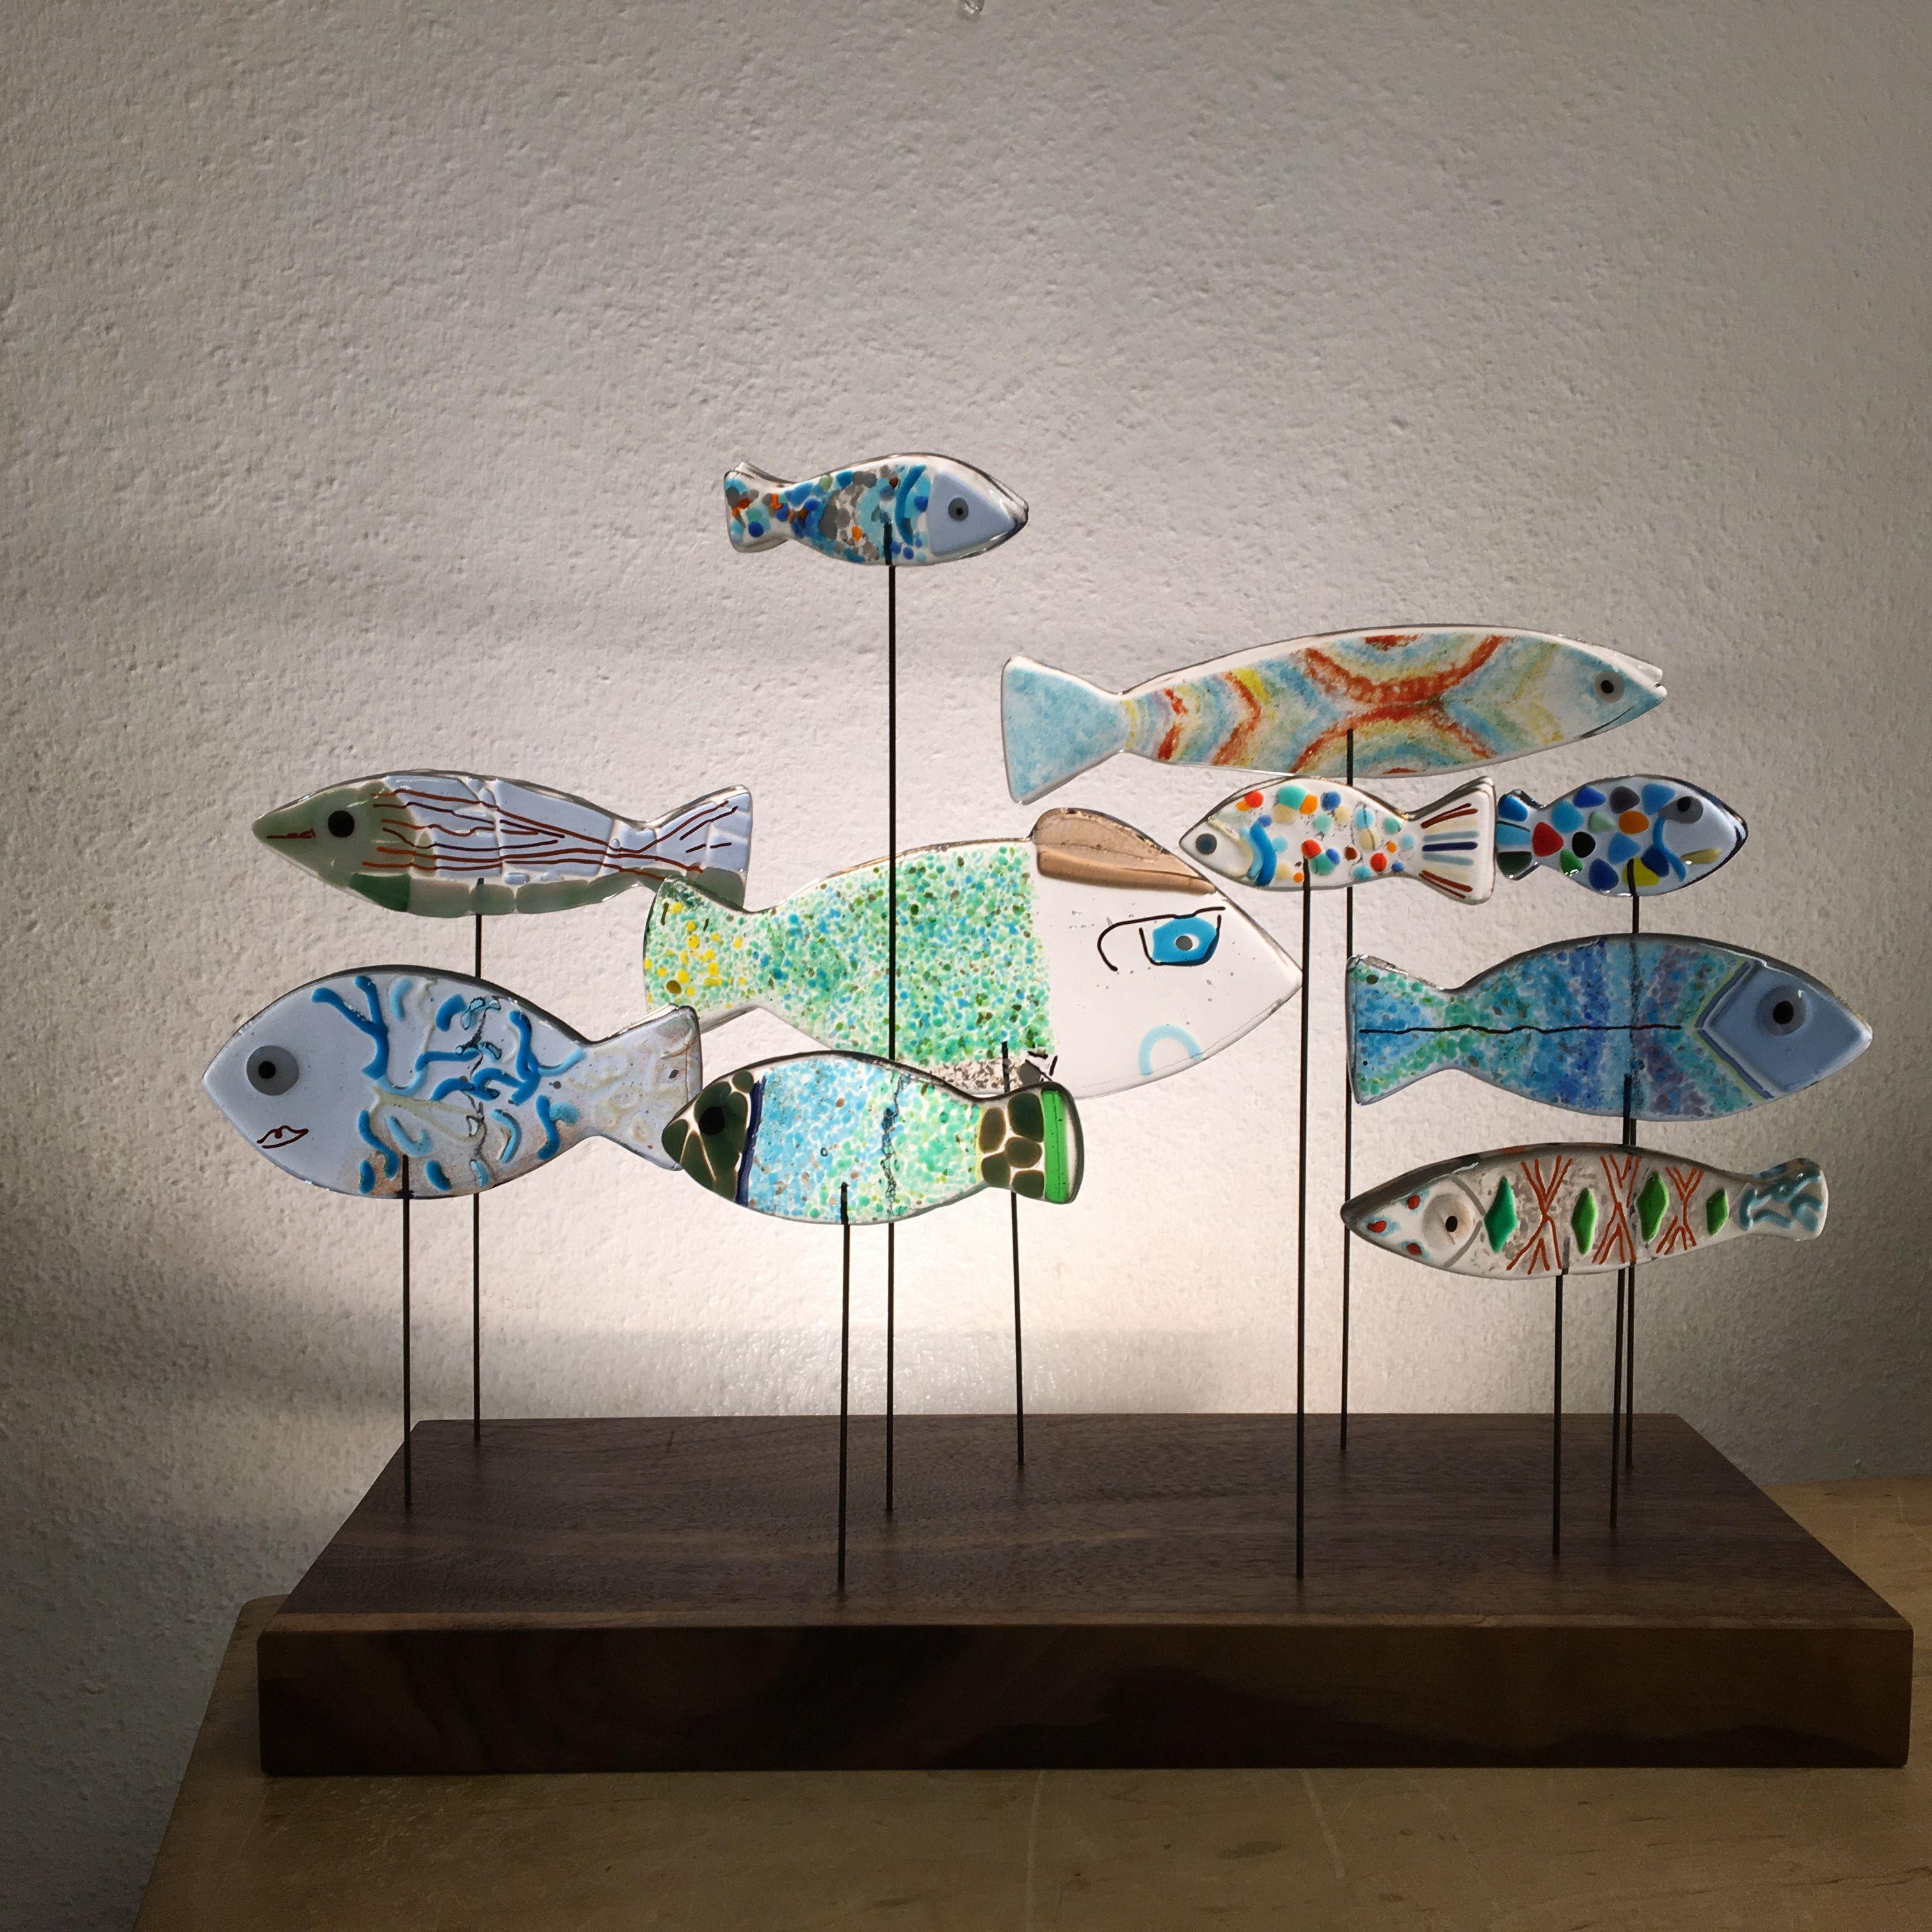 Glasfische Glassfish Gartenzwerg Deko Gestalten